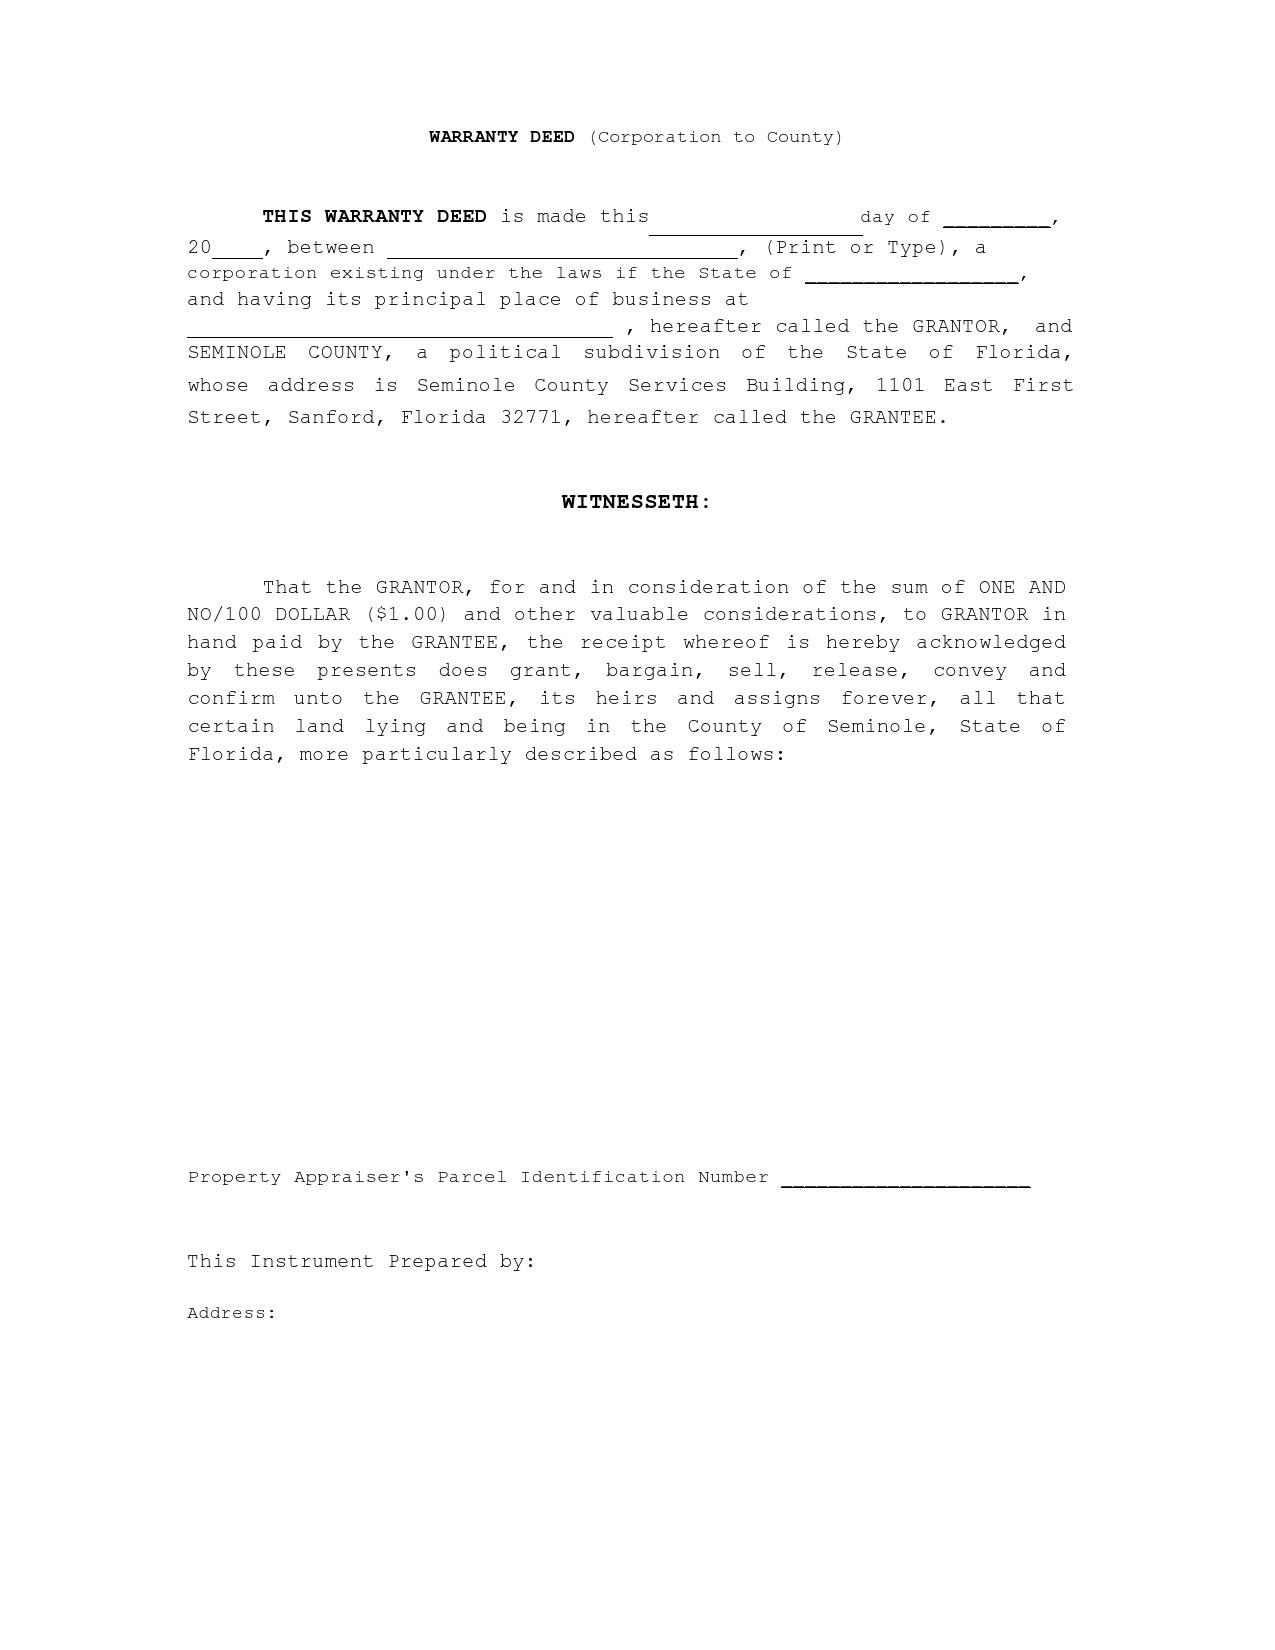 Free warranty deed form 27